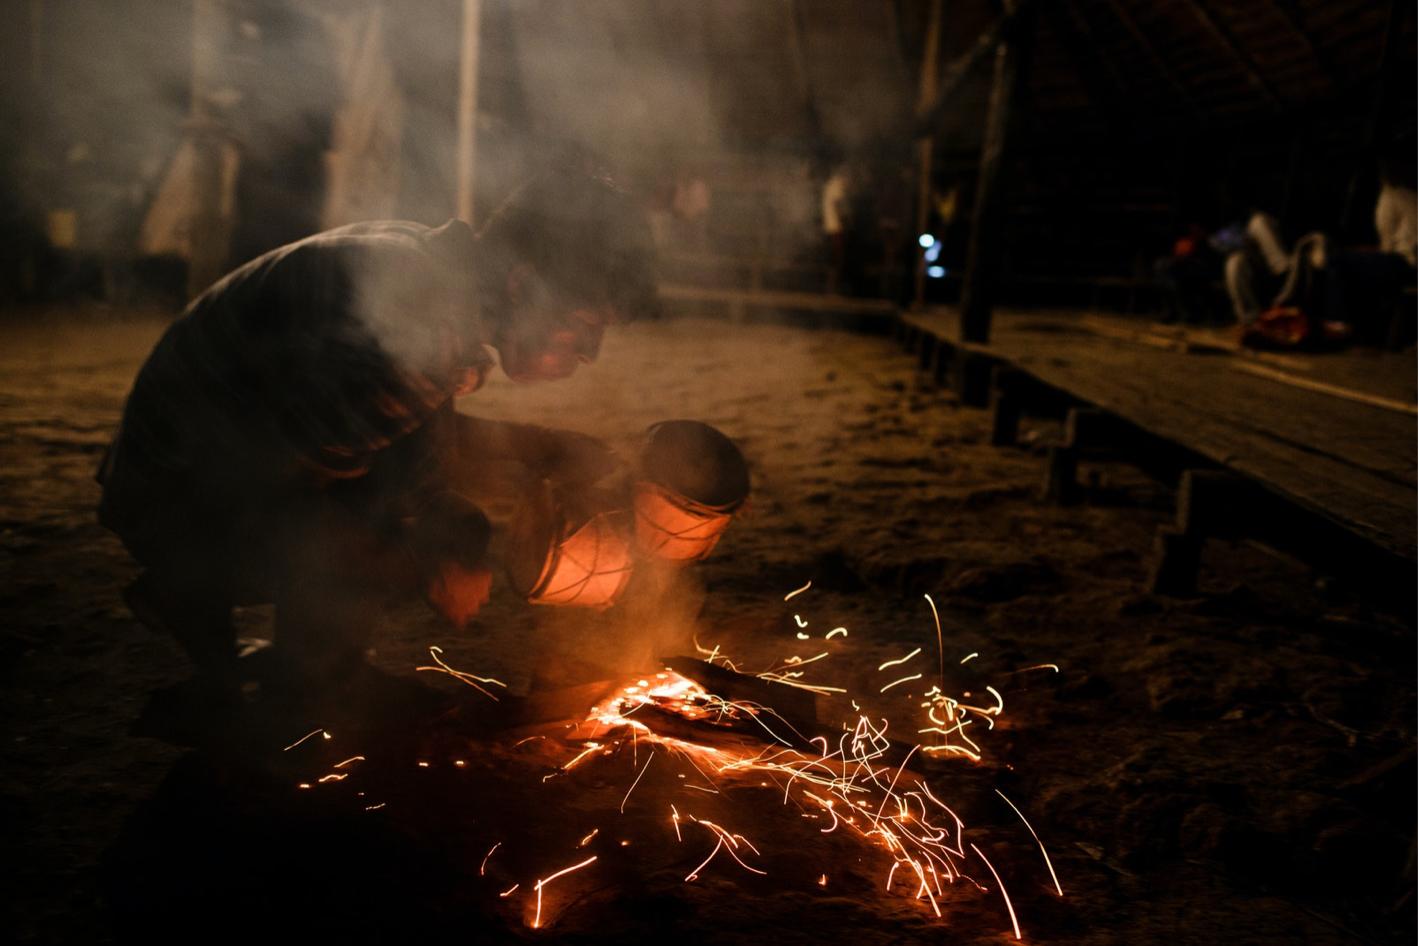 Kỳ lạ hoá trang thành quỷ, dương vật chạm khắc của bộ tộc Tikuna trong đêm nghi lễ này - Ảnh 2.